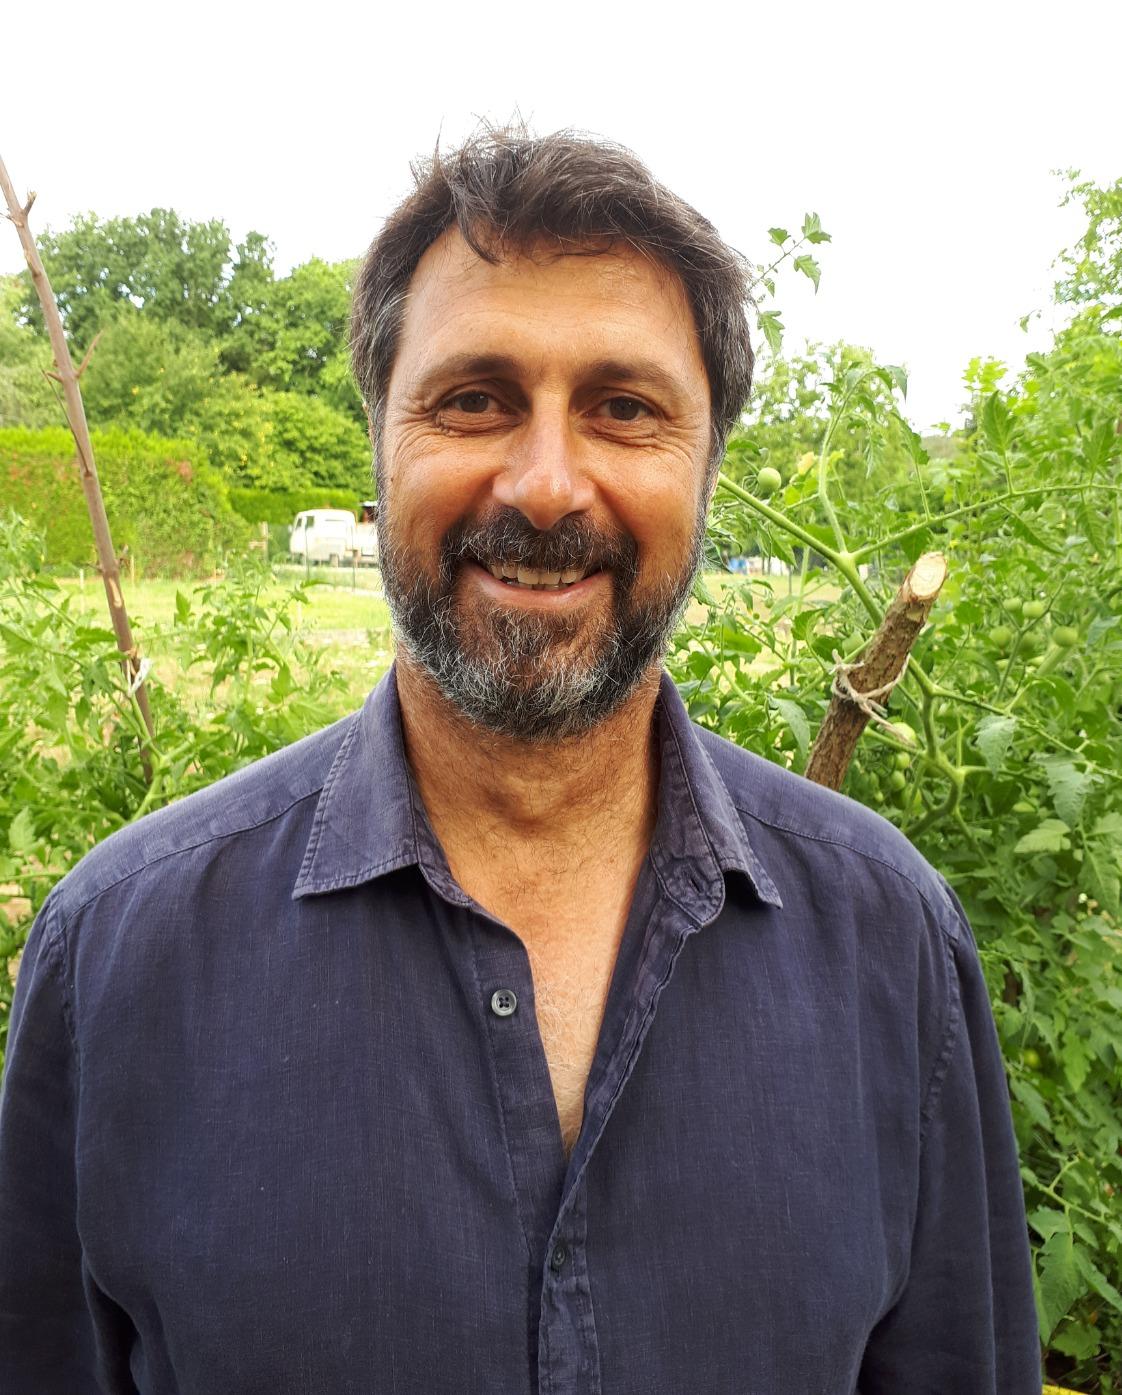 Philippe Emmanuelidis